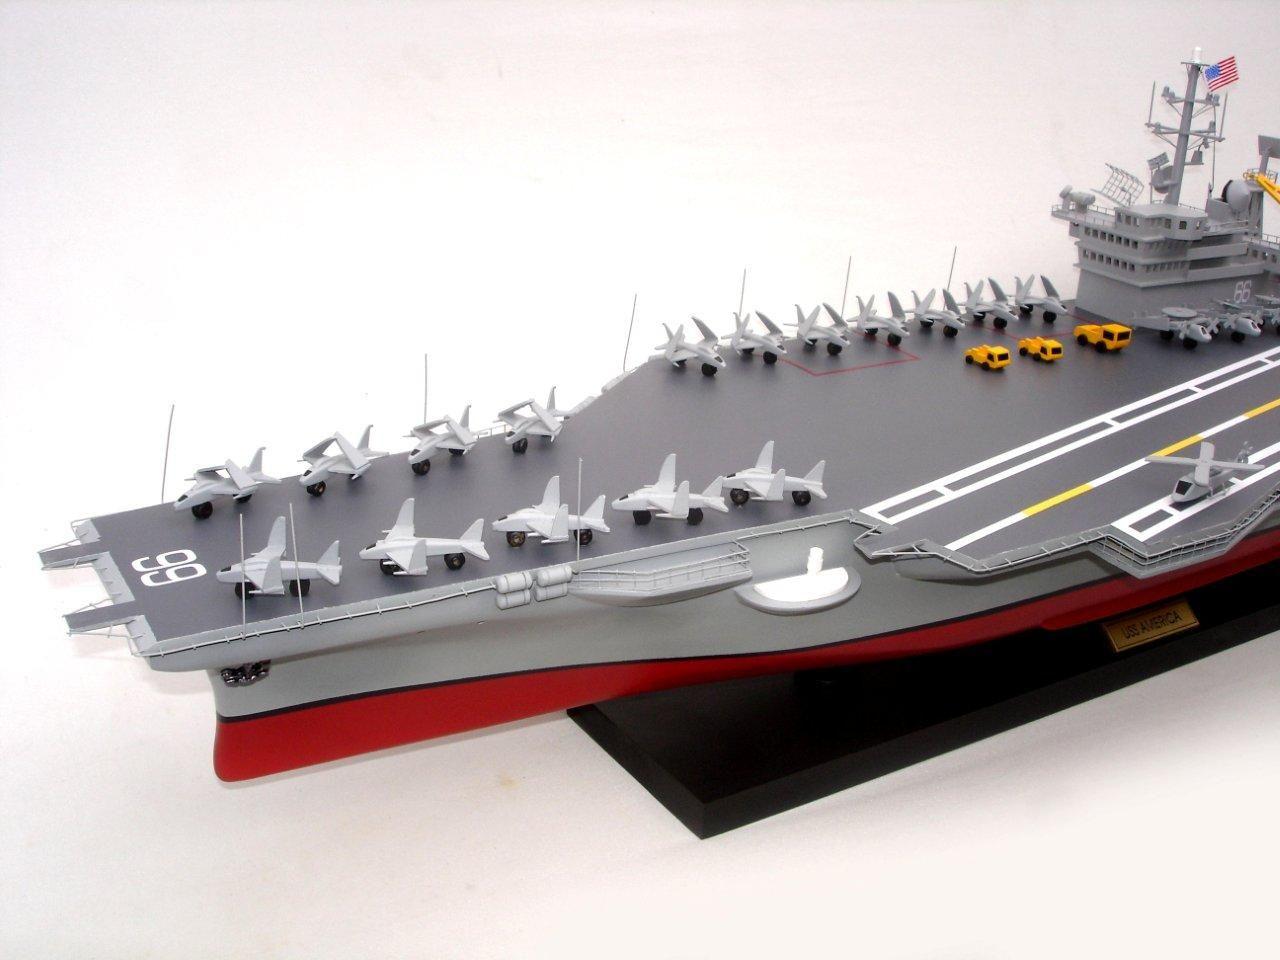 1944-12488-Aircraft-Carrier-Uss-America-CV-66-ship-model